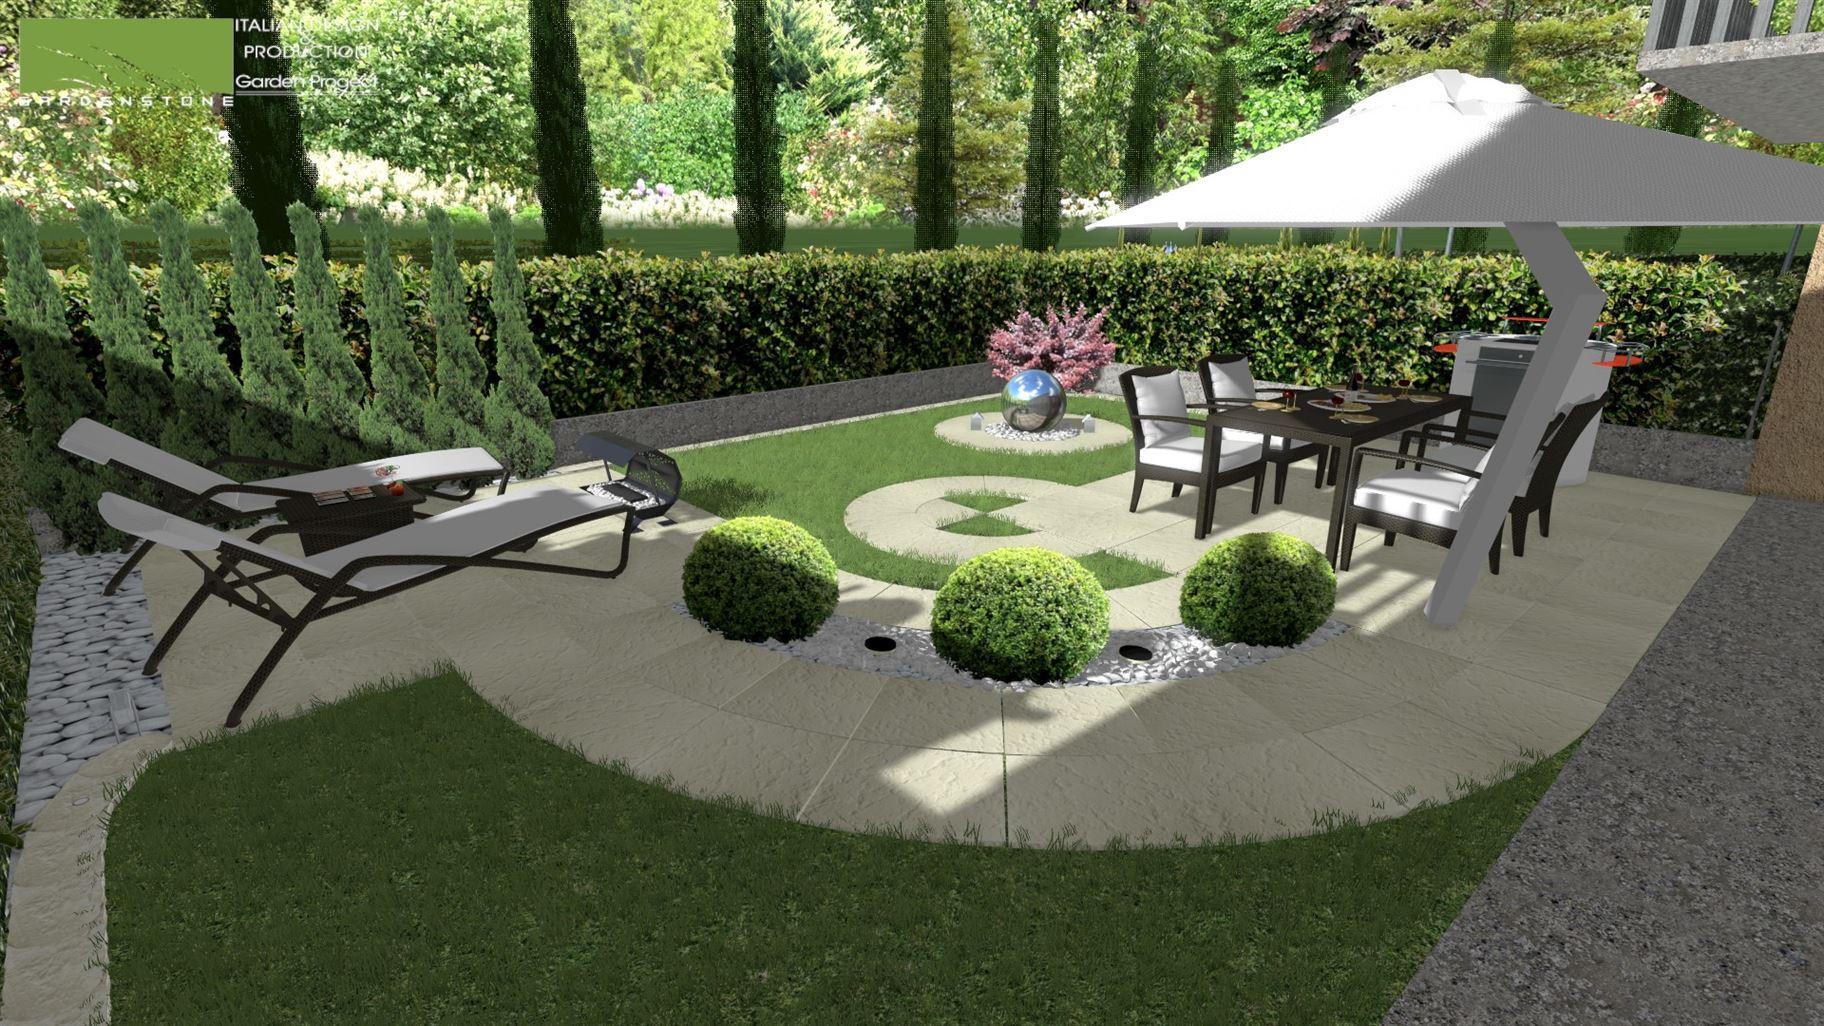 Molto Giardini idee da copiare: come valorizzare il tuo salotto all'aperto DX87